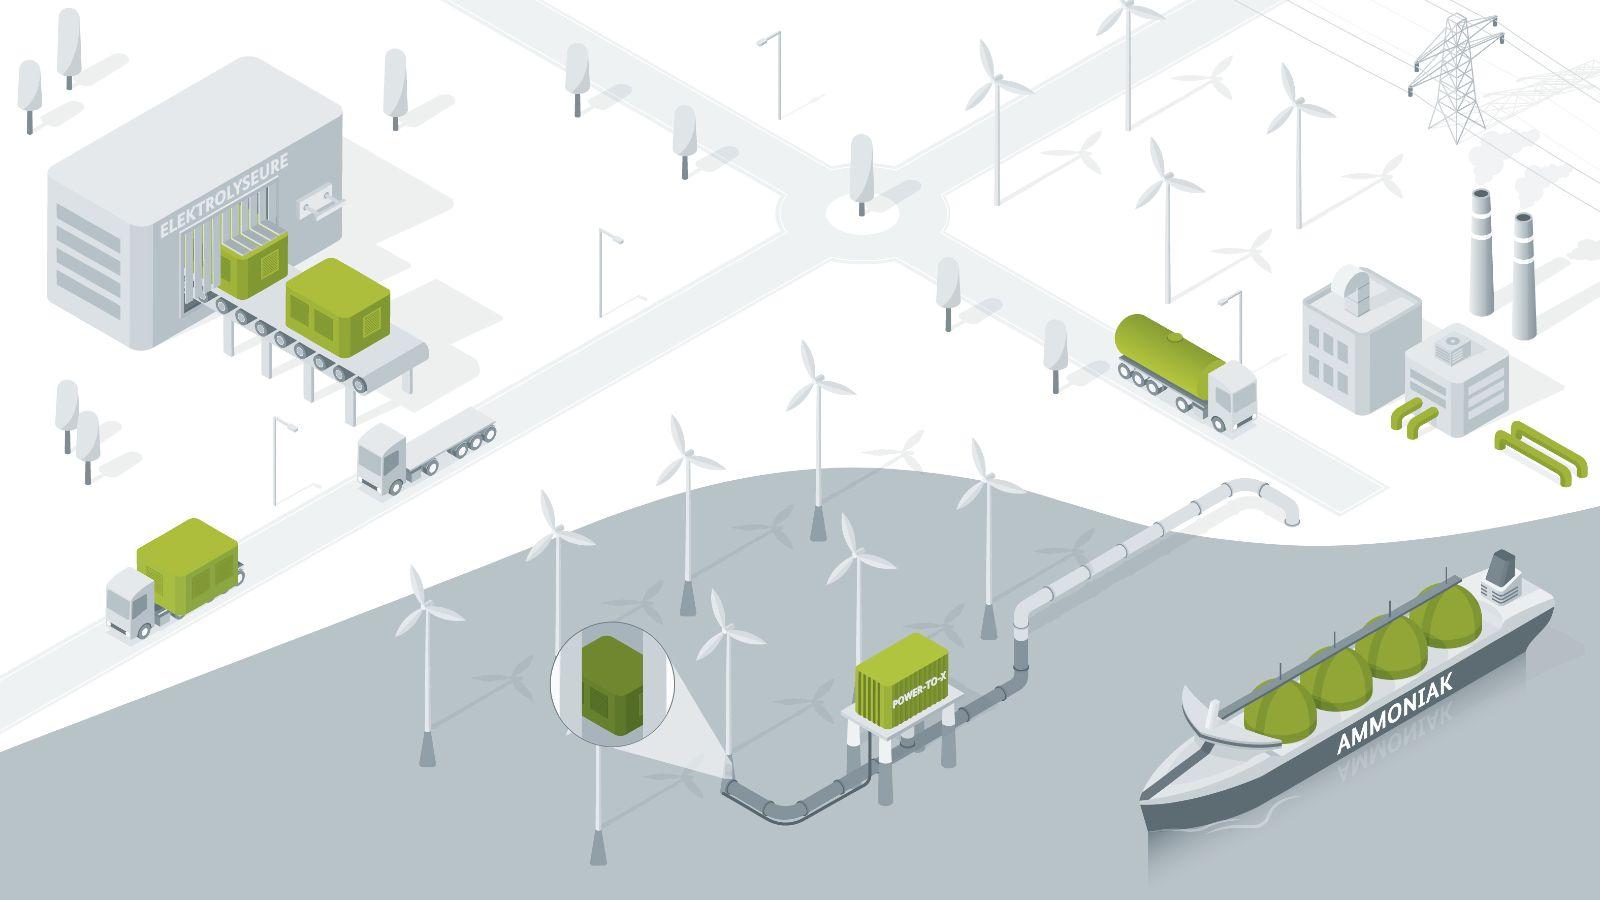 Das Bild zeigt eine Landschaft, auf der Elemente aller drei Leitprojekte integriert sind.